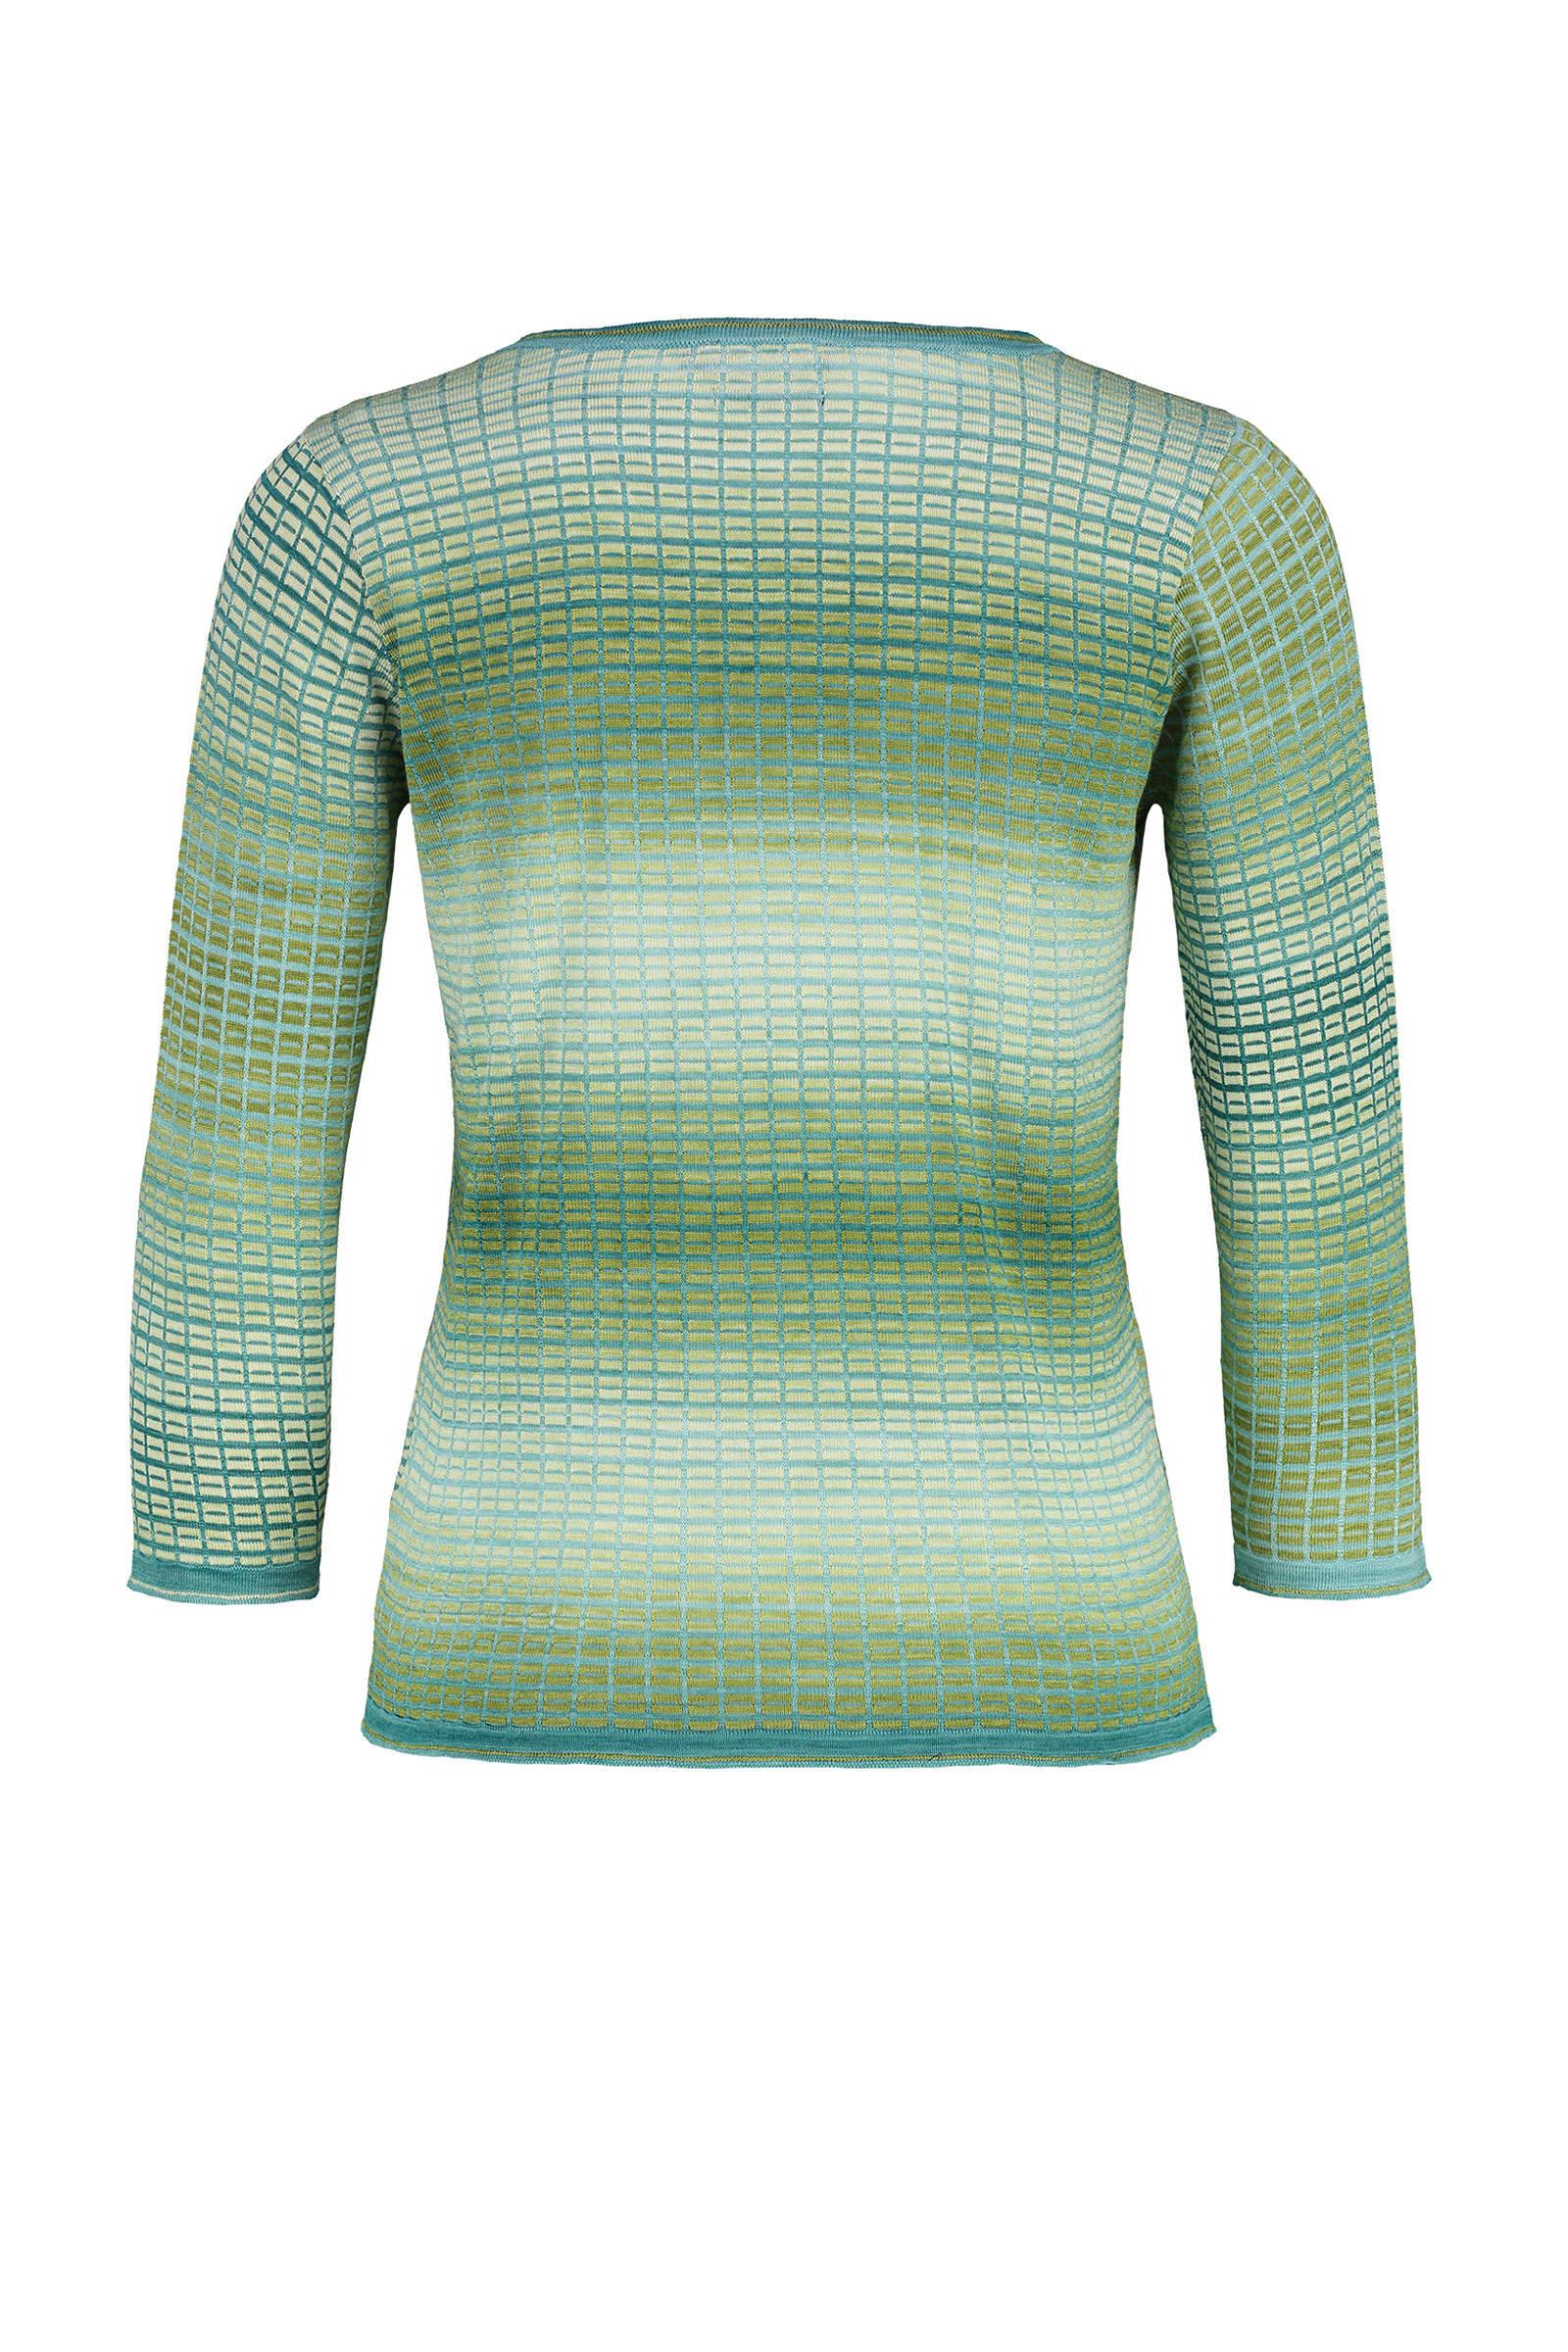 Claudia Sträter trui met all over print groen   wehkamp